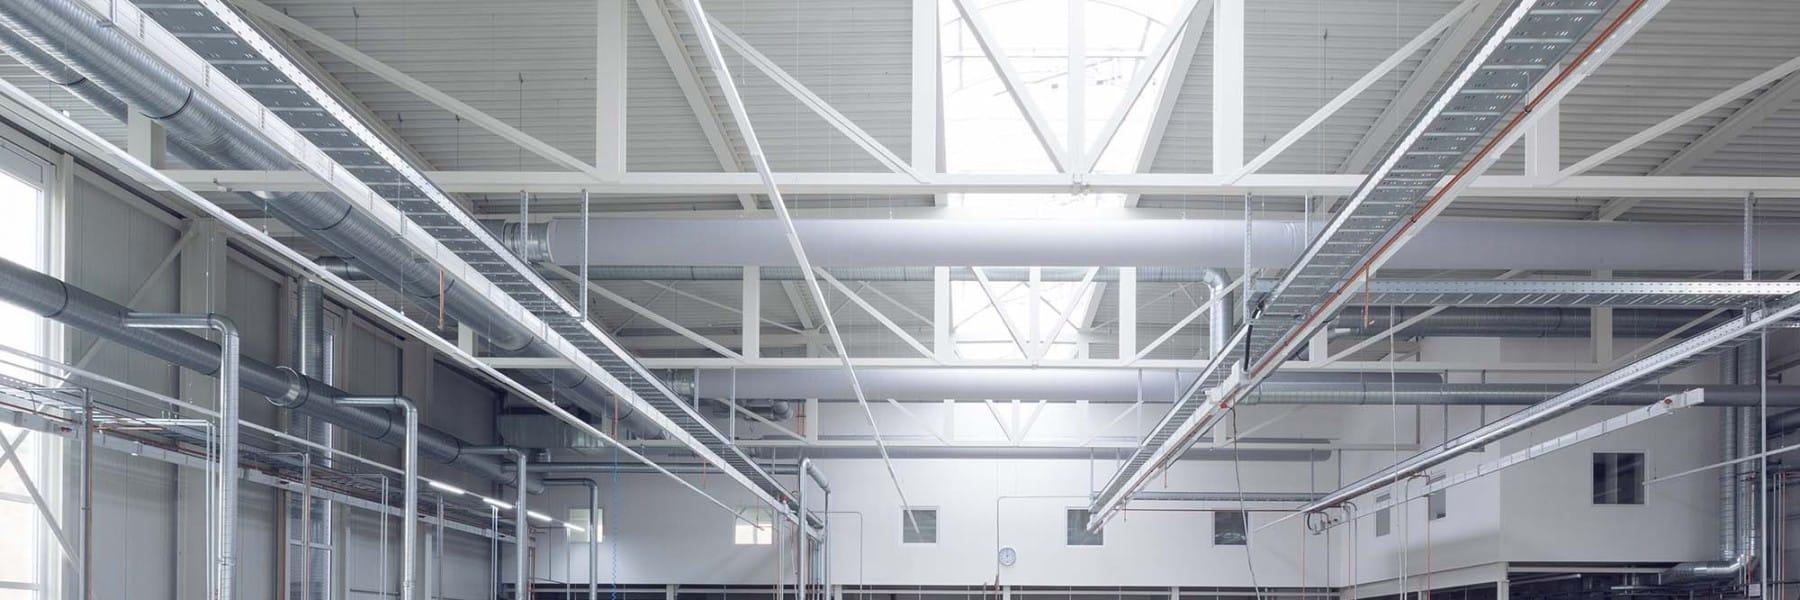 Stahlhallenbau IBS